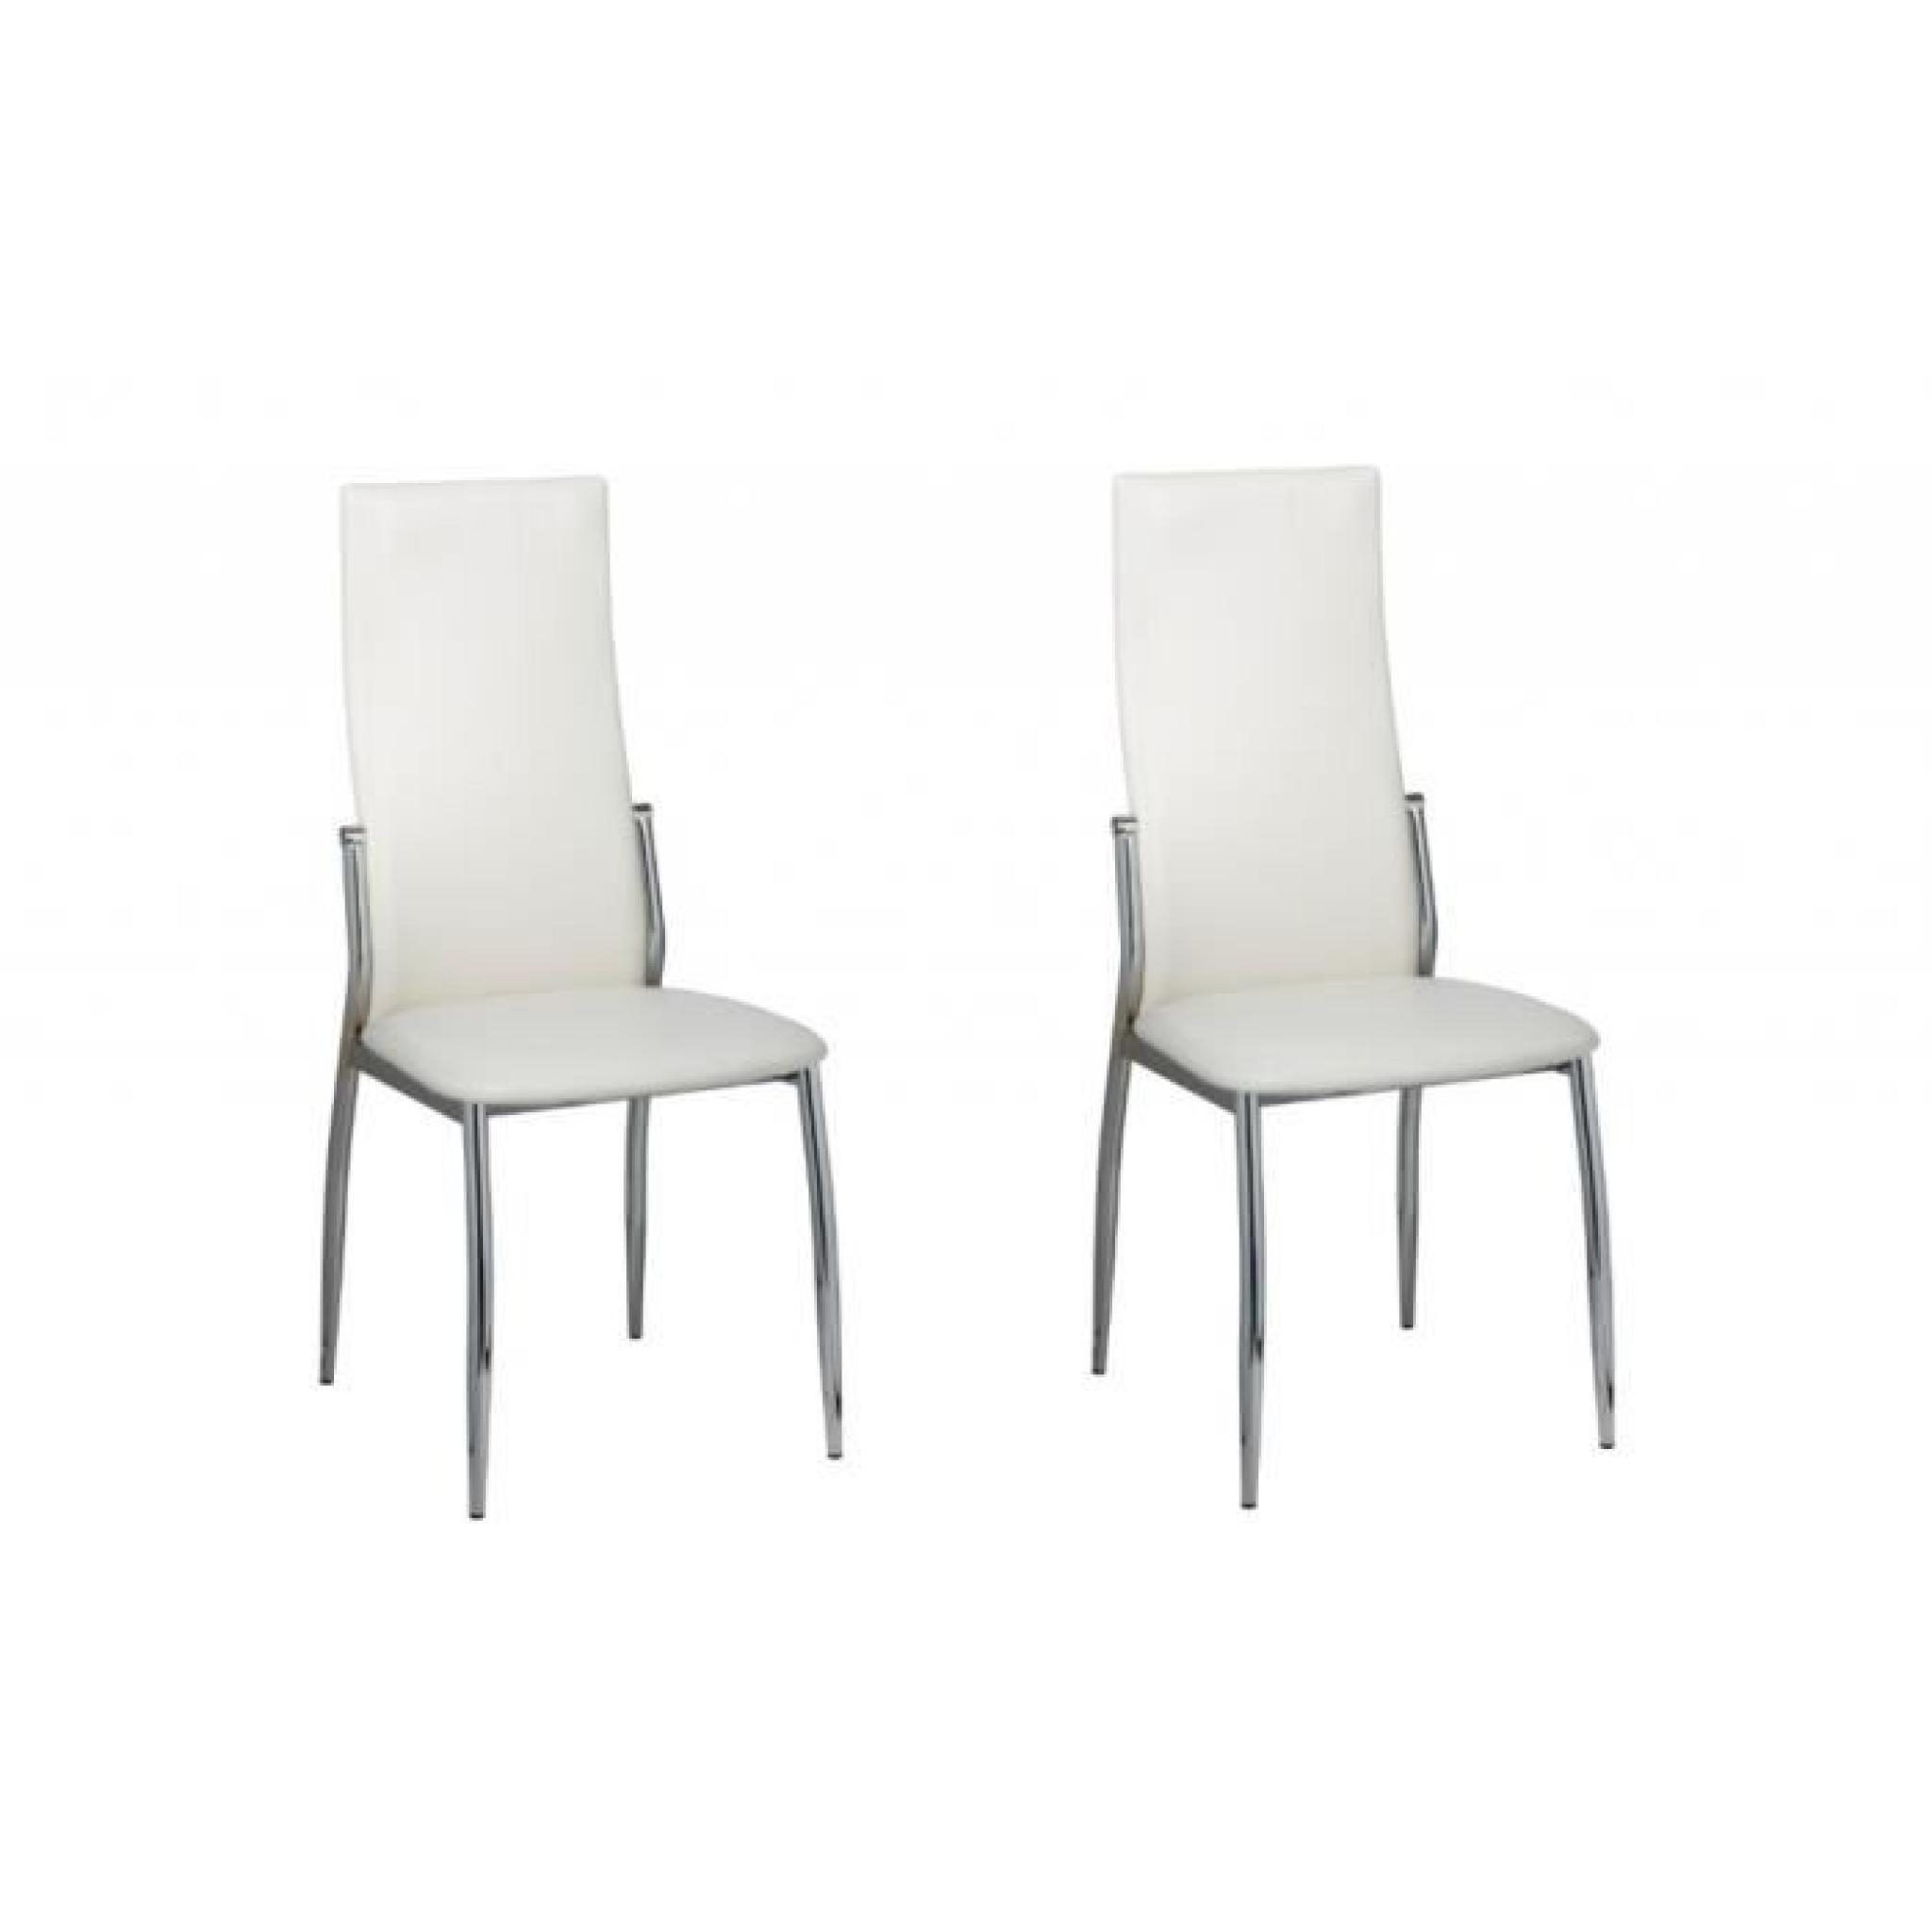 2 Chaises de salle à manger alu